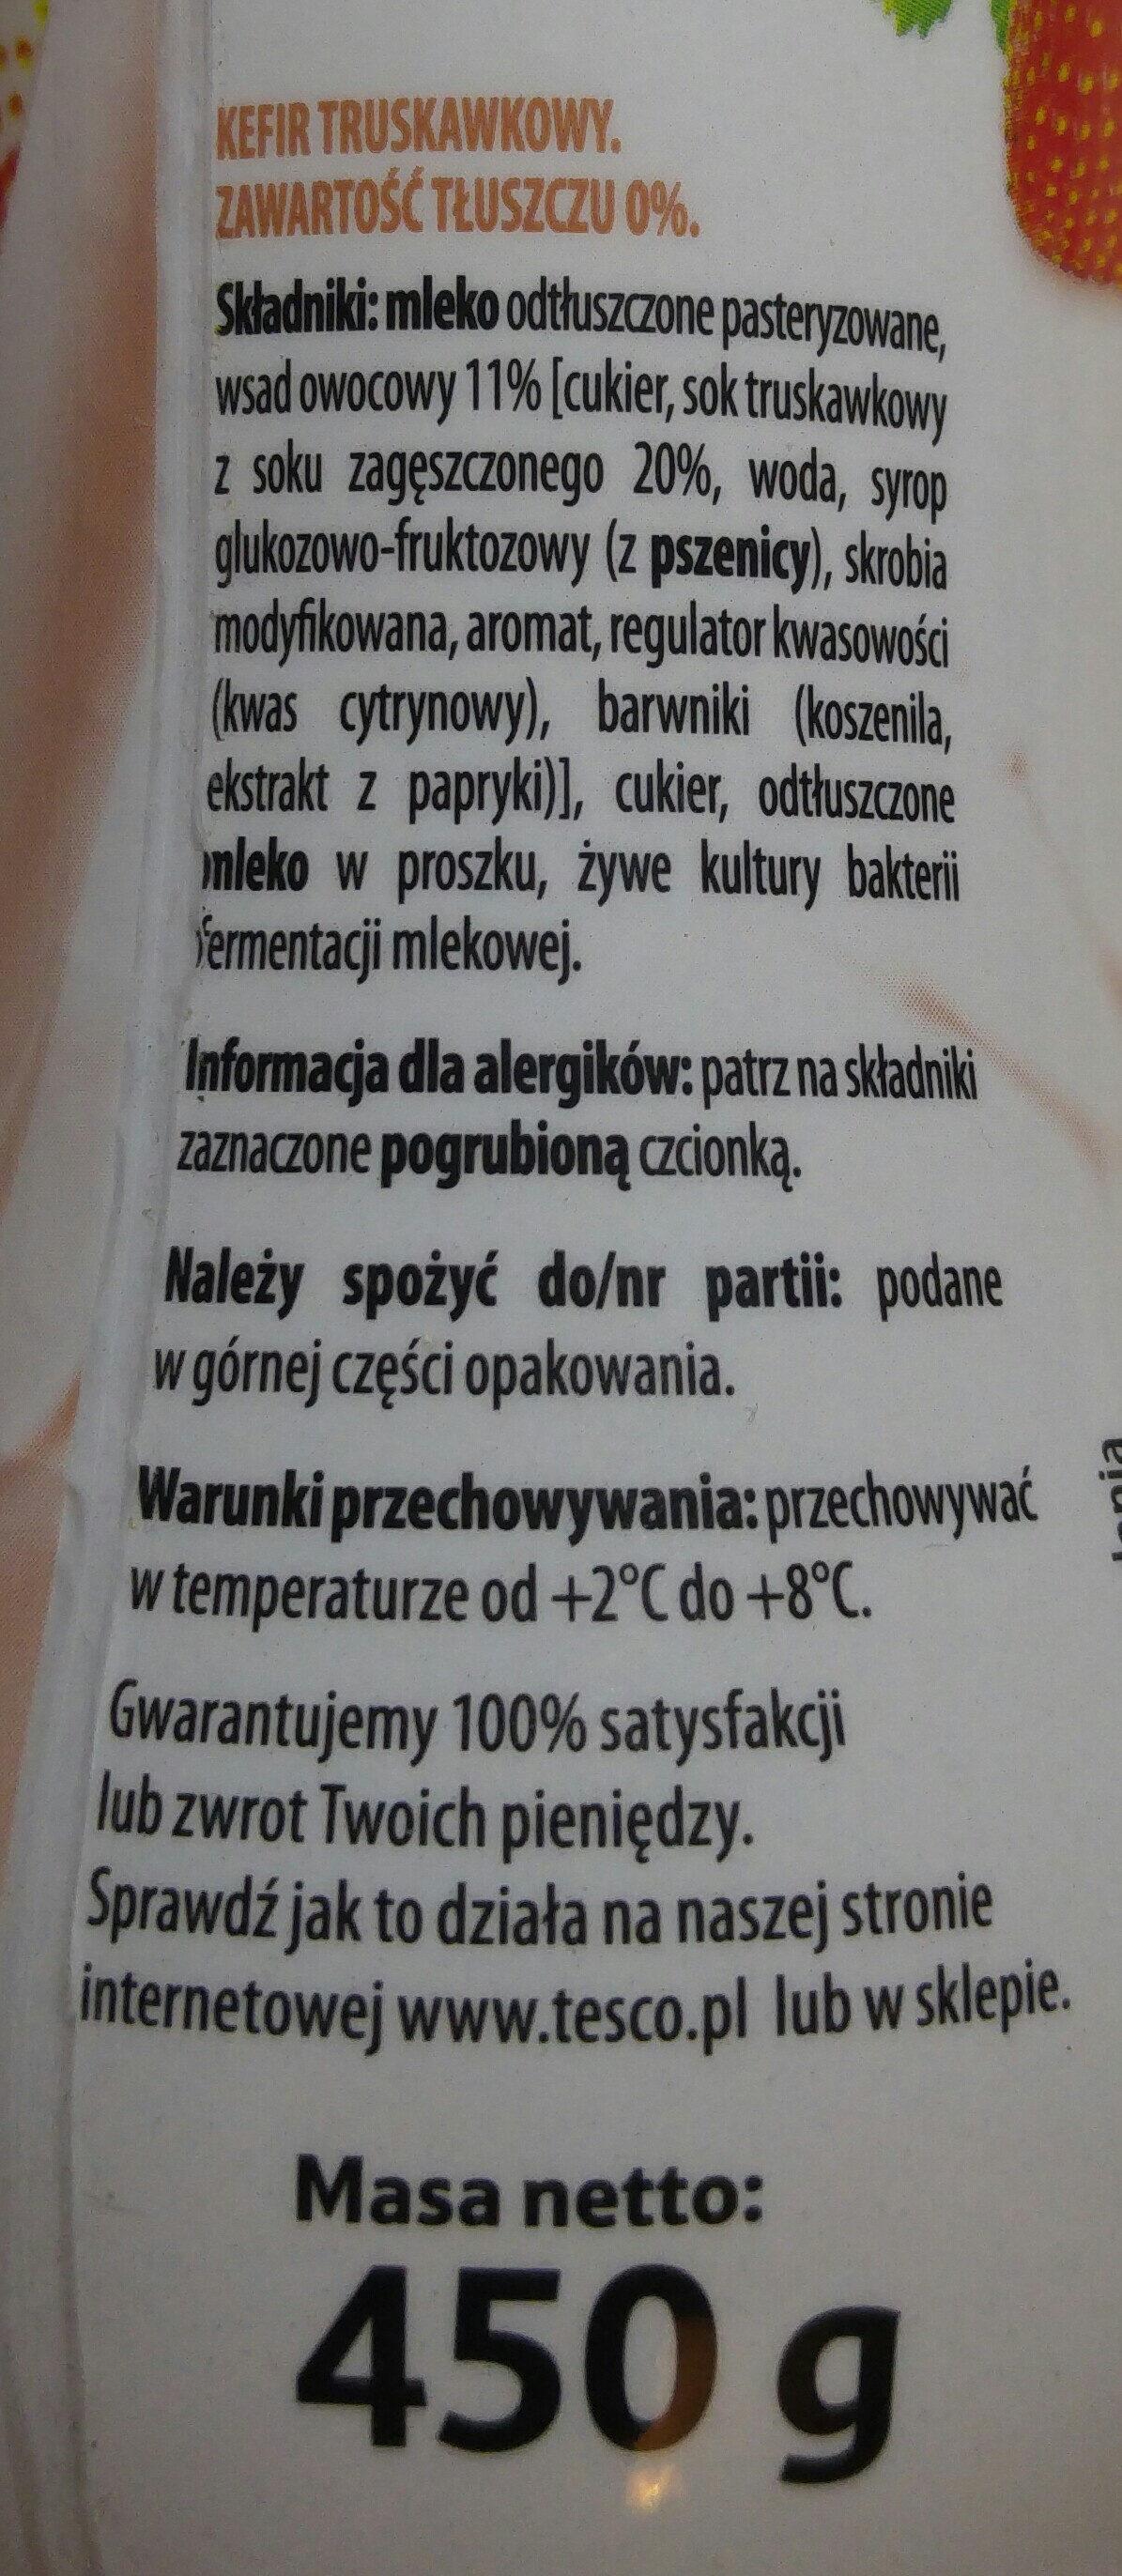 Kefir truskawkowy 0% - Składniki